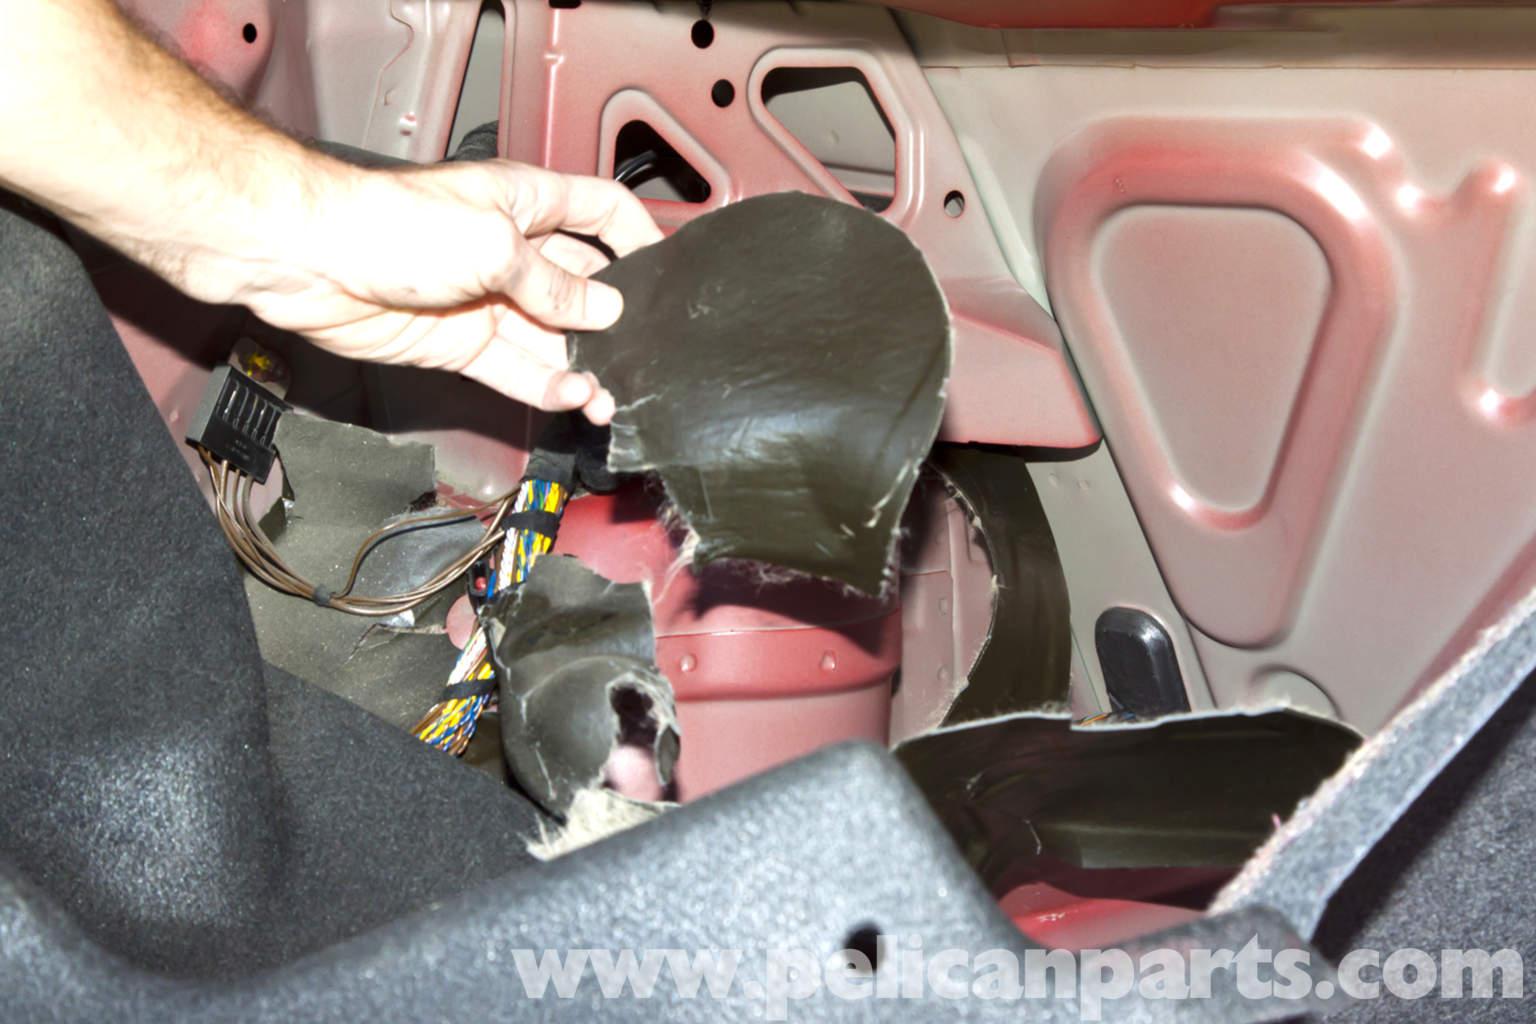 2006 Bmw 325xi >> BMW E46 Rear Shock Replacement | BMW 325i (2001-2005), BMW 325Xi (2001-2005), BMW 325Ci (2001 ...